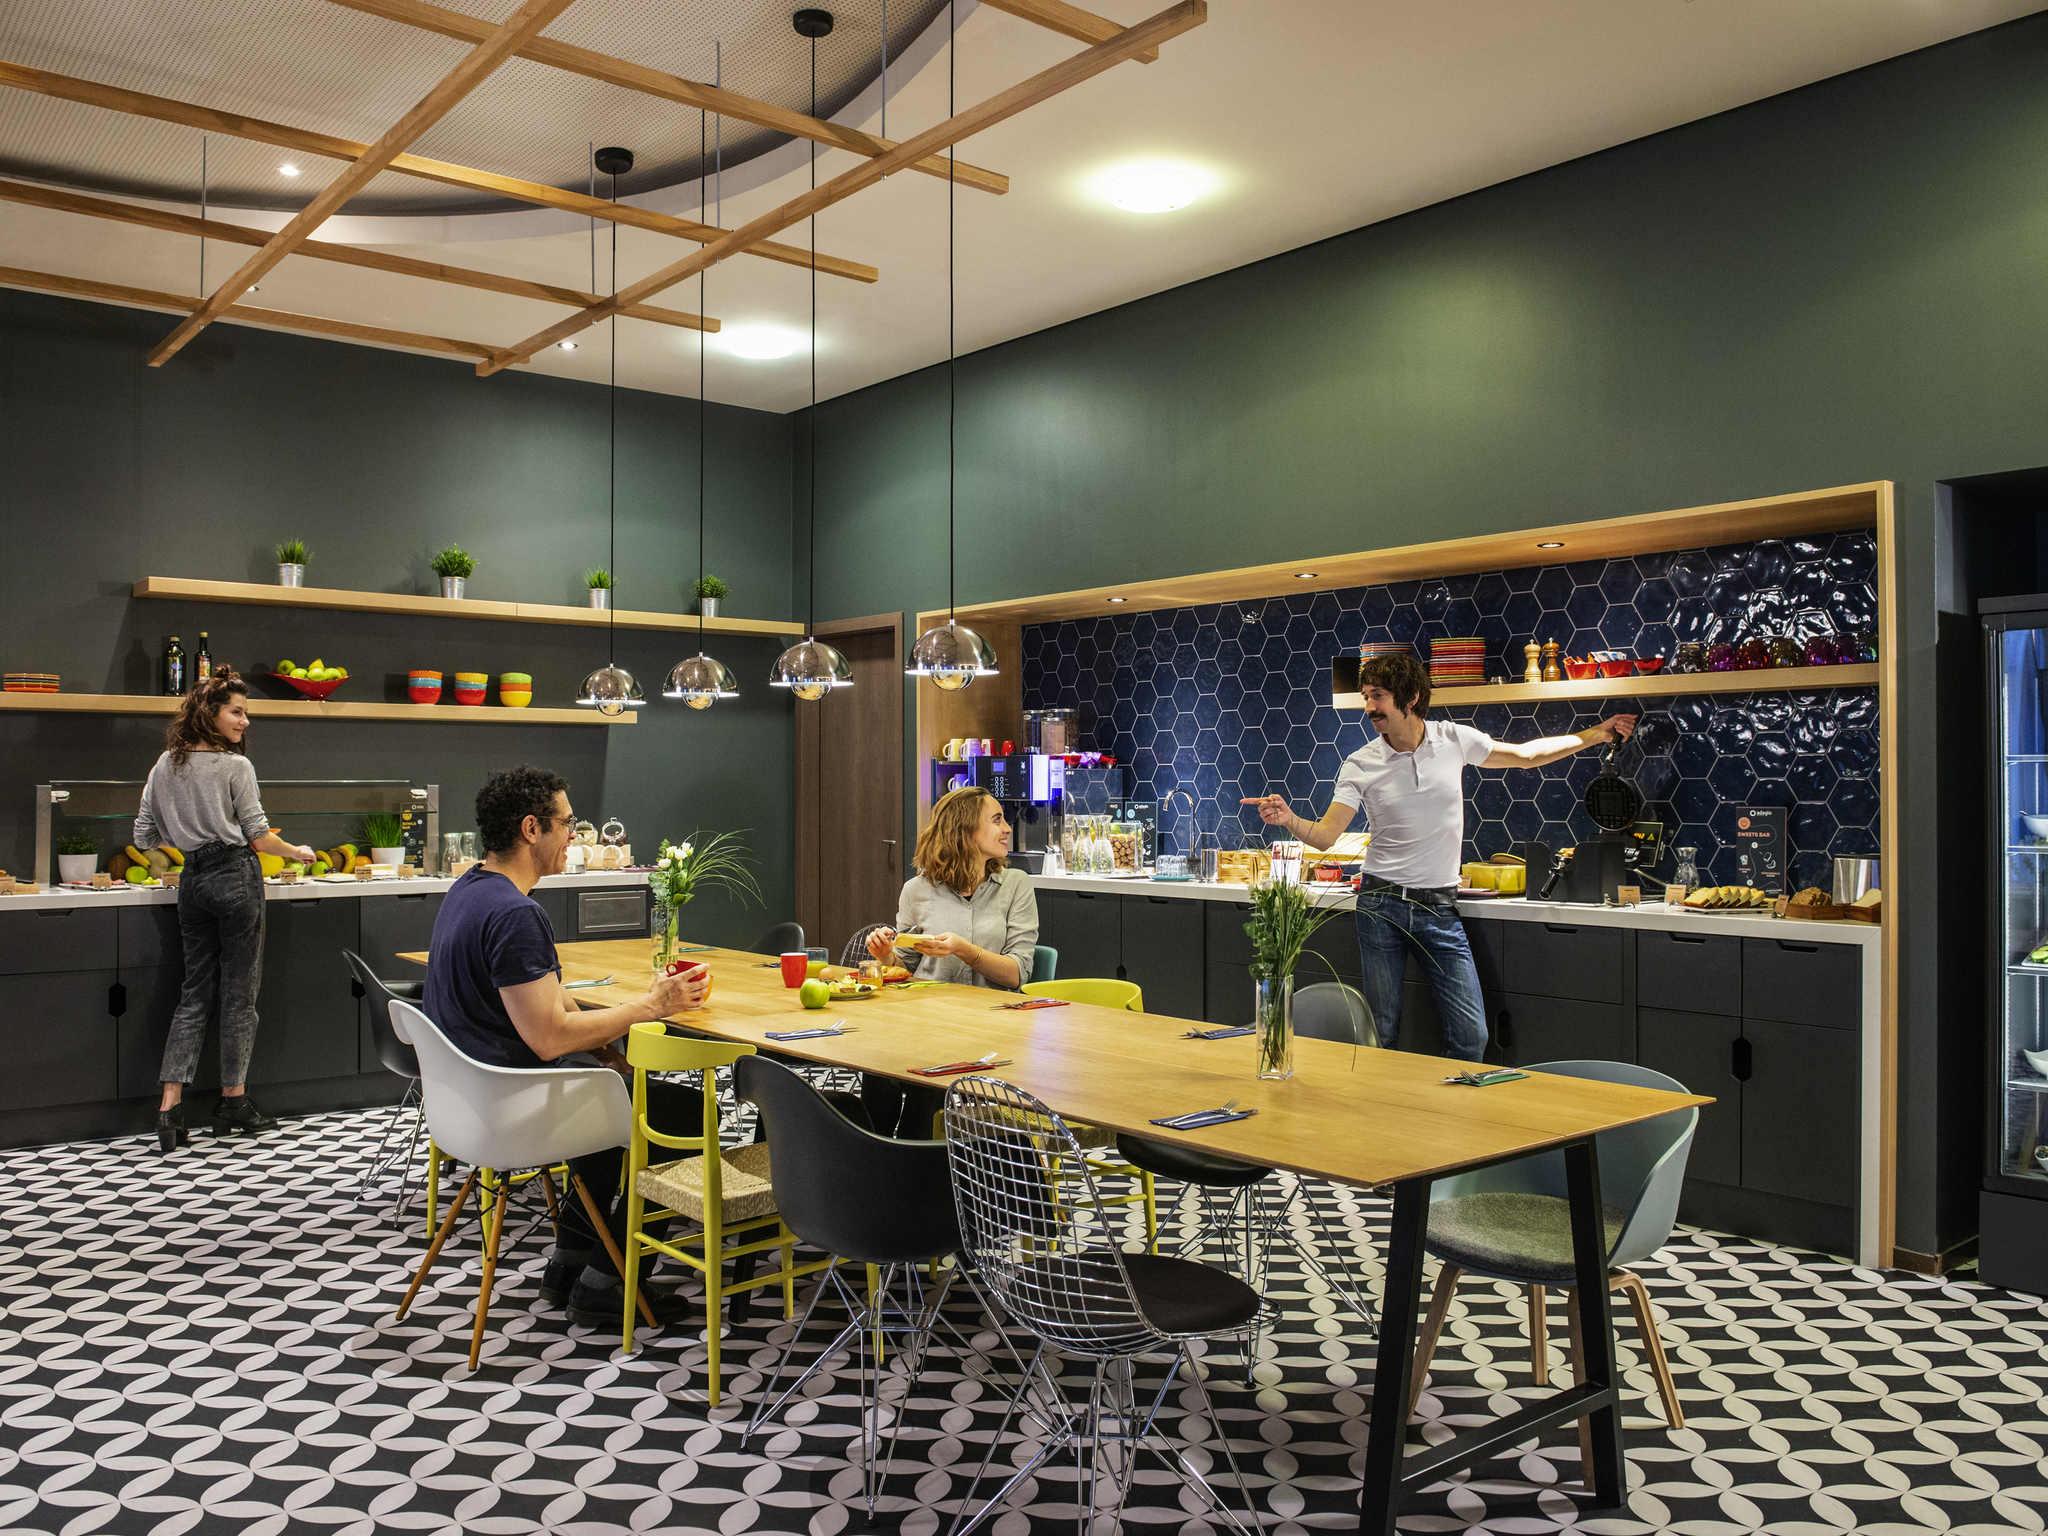 ホテル – アダジオベルリンクアフュルステンダム